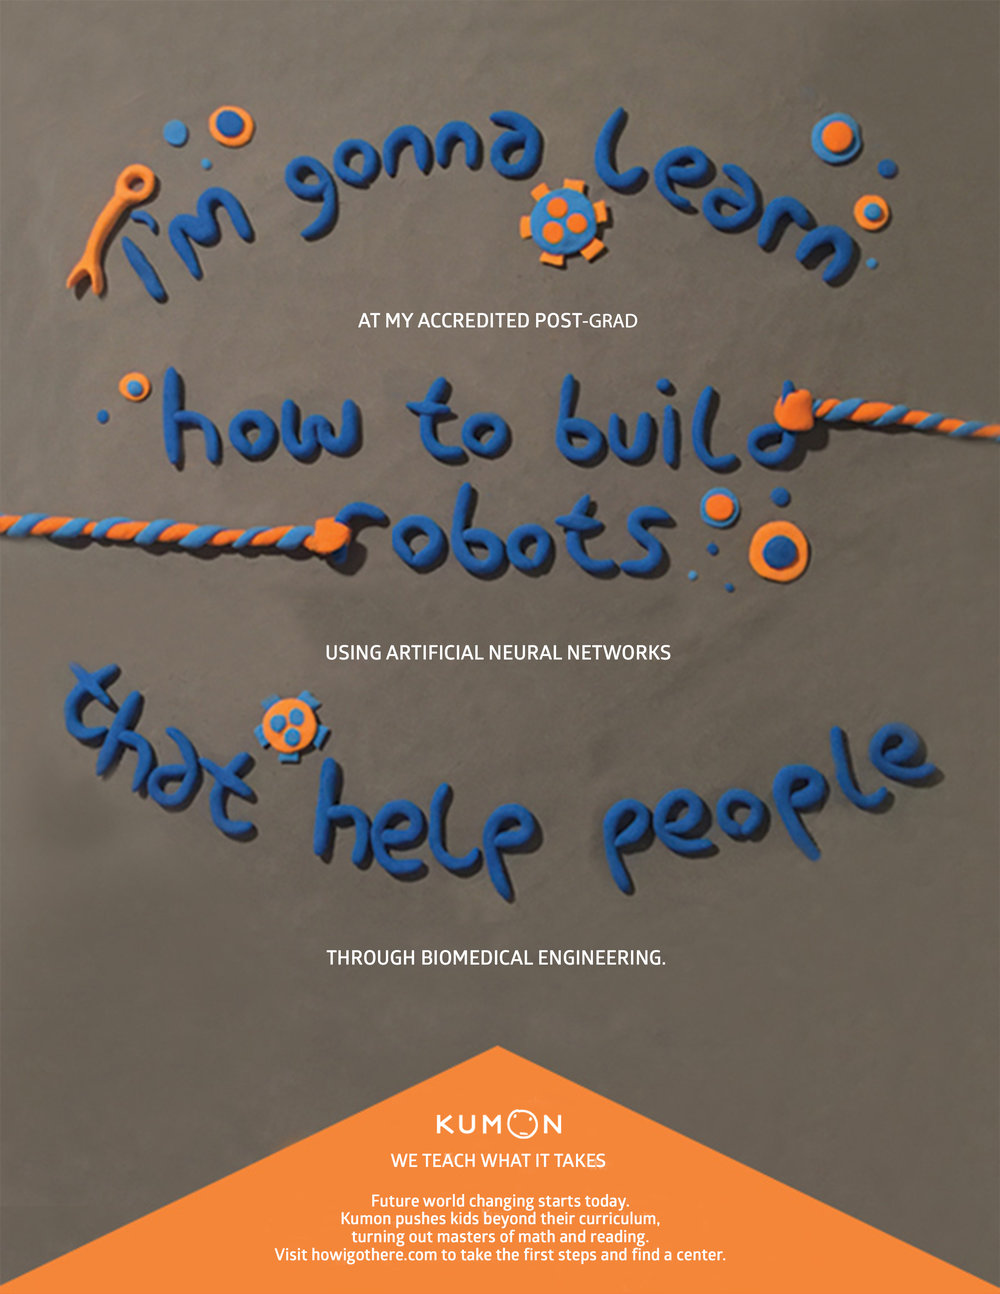 Kumon_Robots_9.14.16.jpg